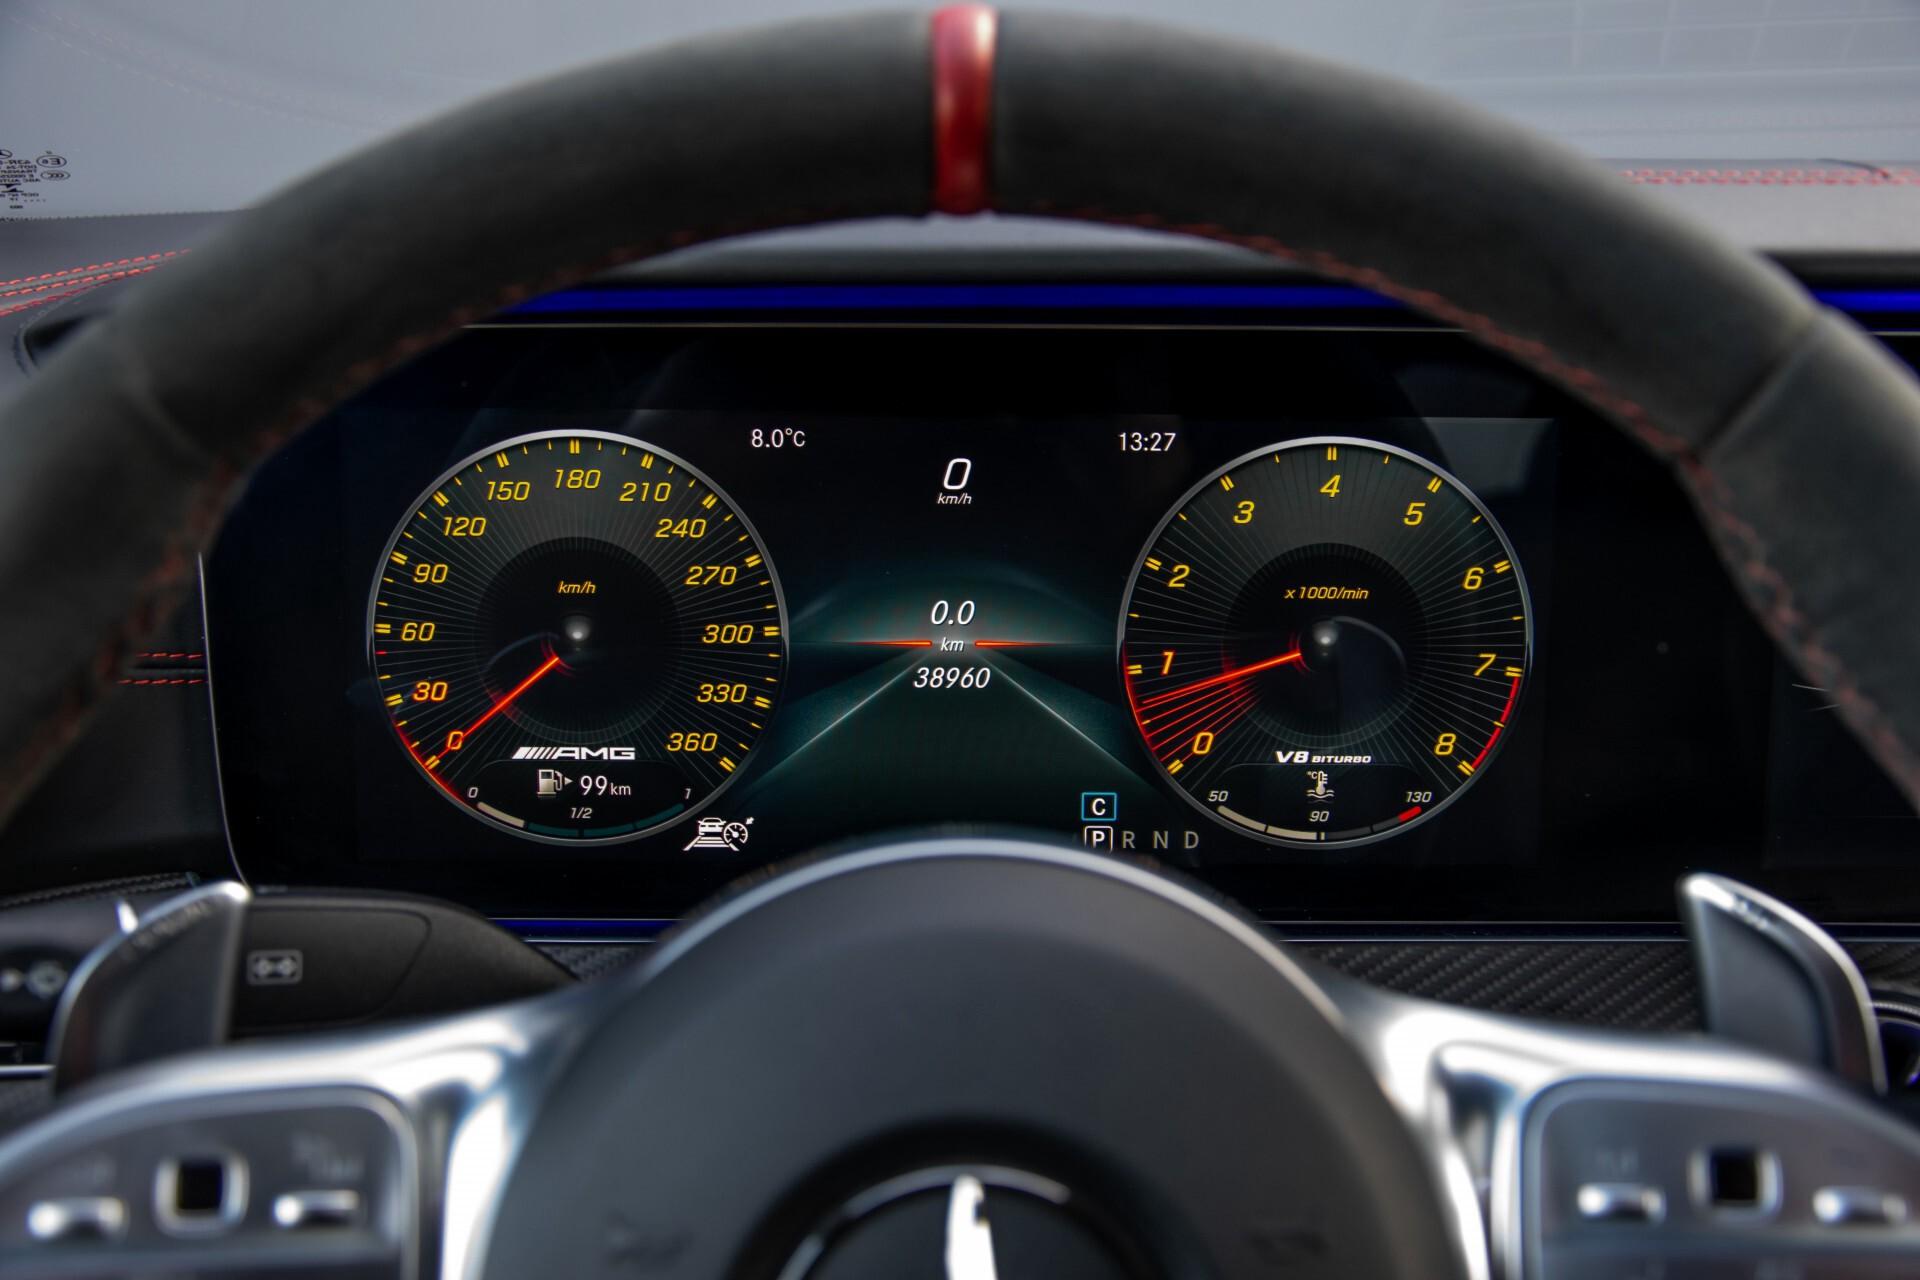 Mercedes-Benz AMG GT 4-Door Coupe 63 S 4M+ Keramisch/Full Carbon/Aerodynamica/Burmester 3D/TV/Performance stoelen/Standkachel Aut9 Foto 13